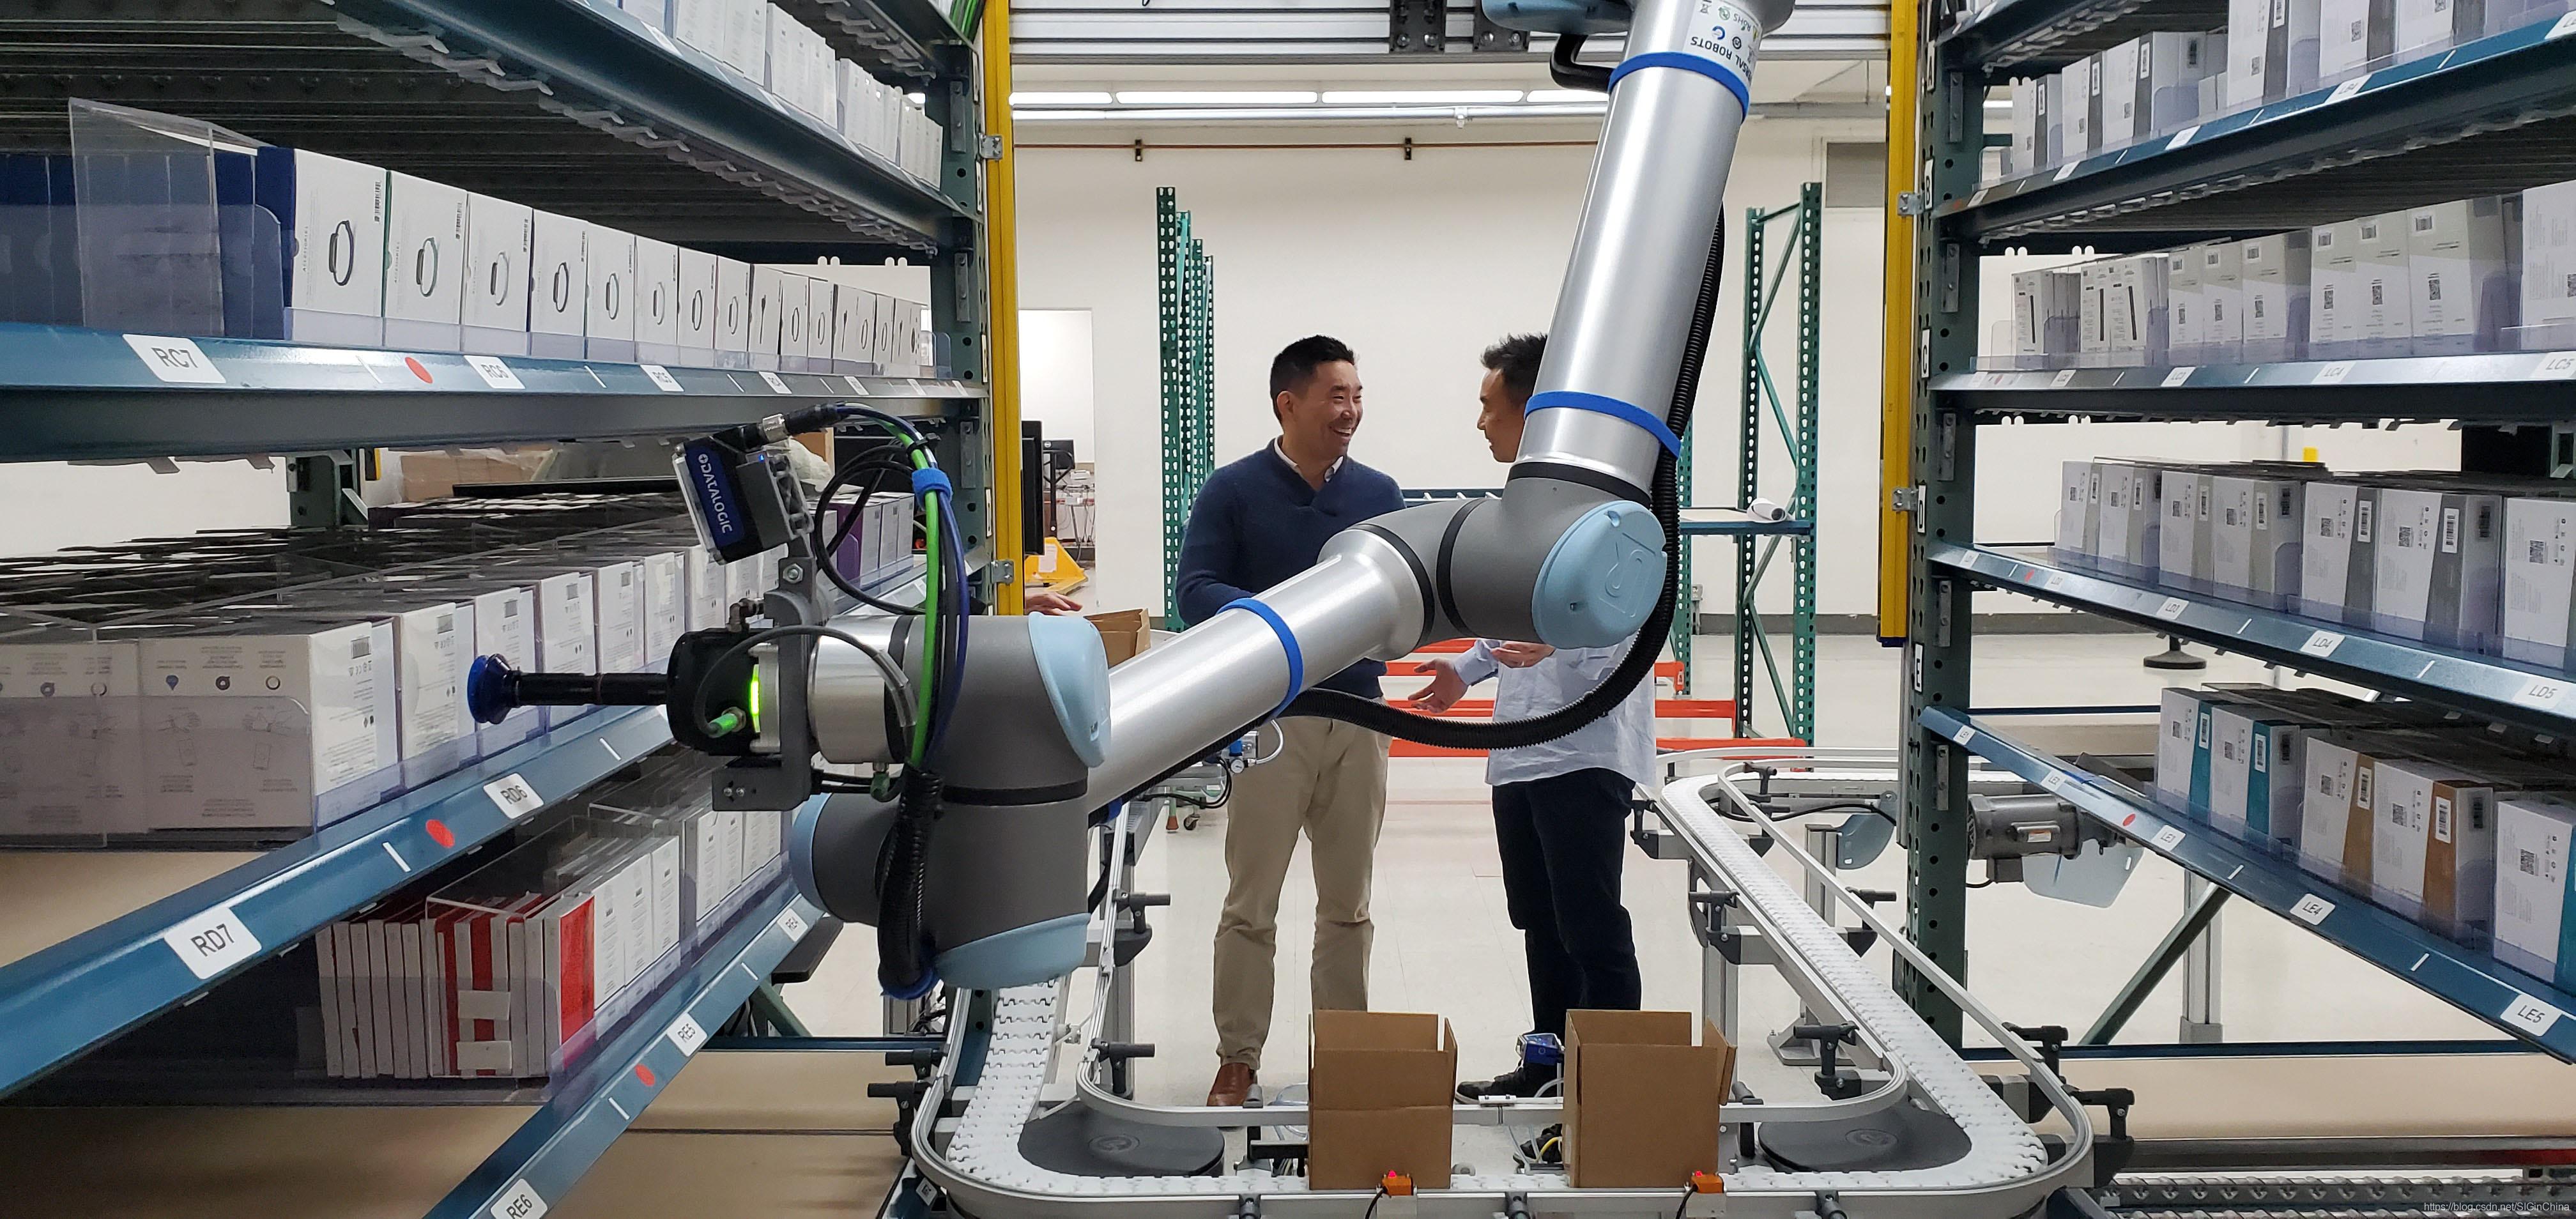 优傲机器人探讨在经济不明朗的时期如何保持业务连续性2